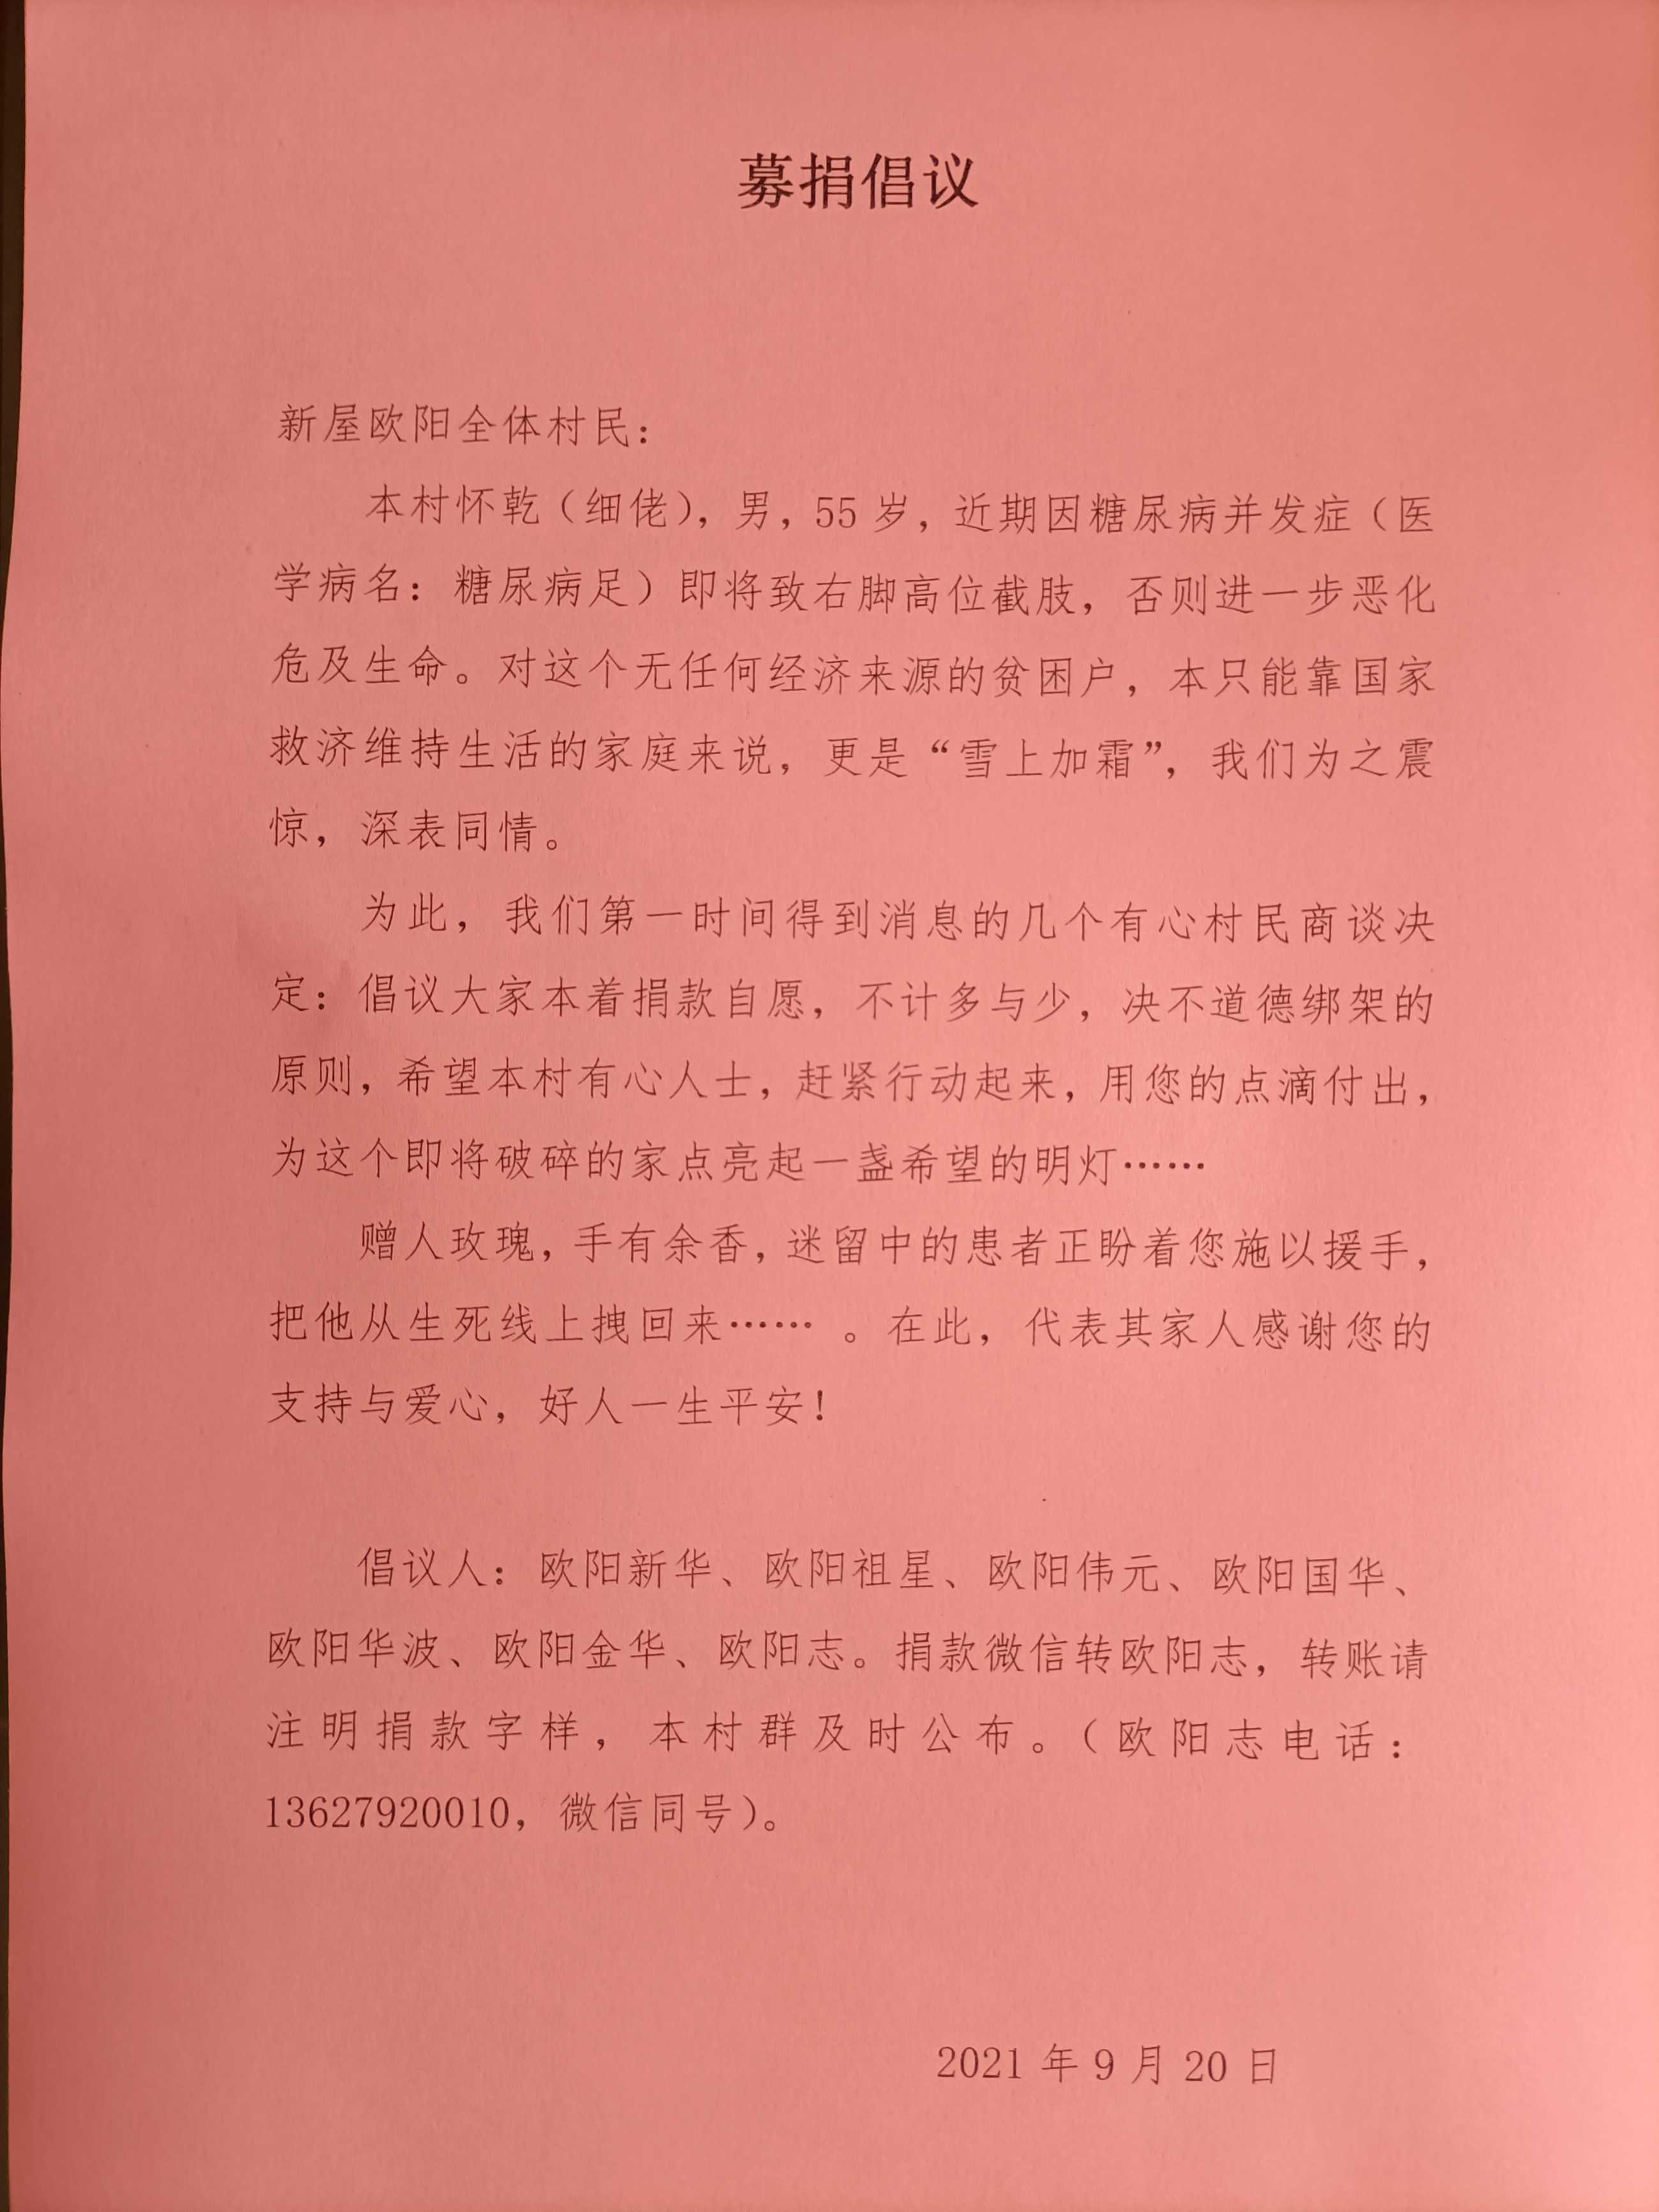 自发为截肢男子捐款4万余元!为庐山市这个村的村民点赞!